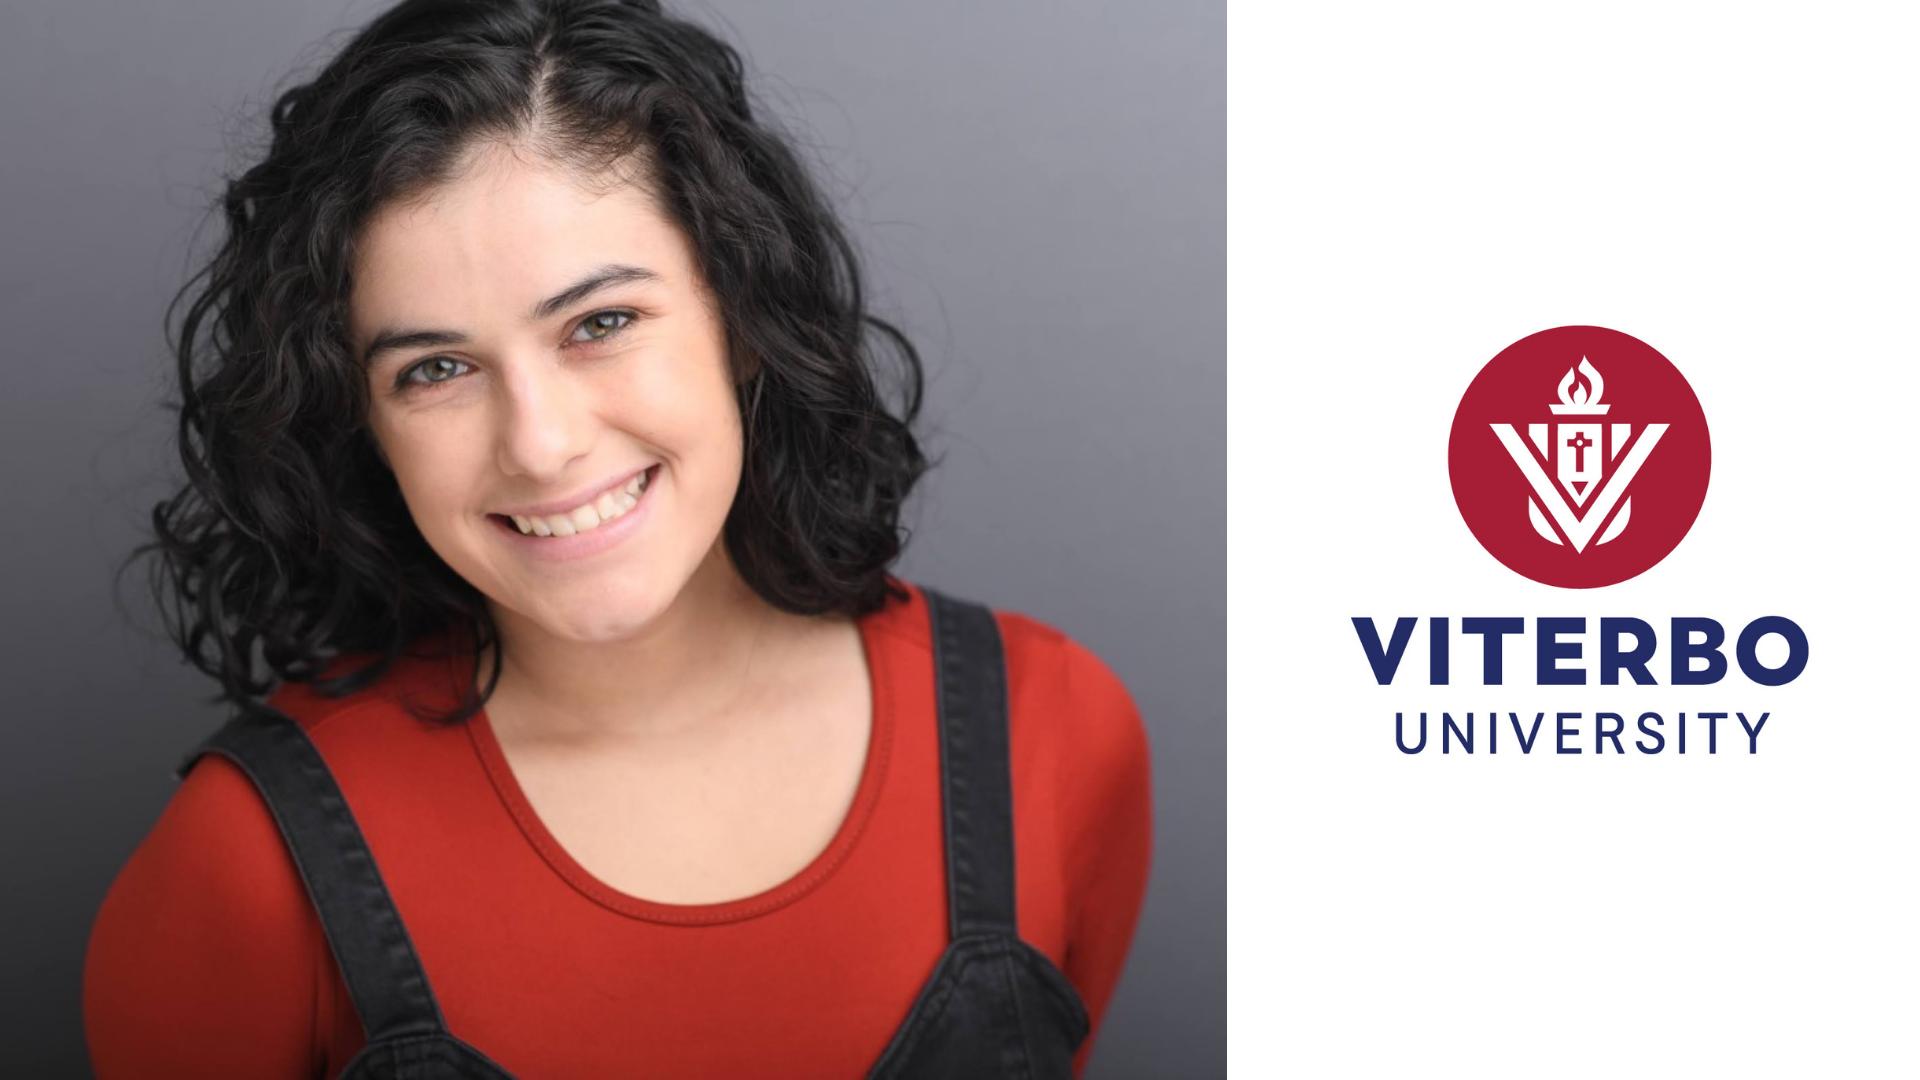 Viterbo Testimonial - student author next to logo